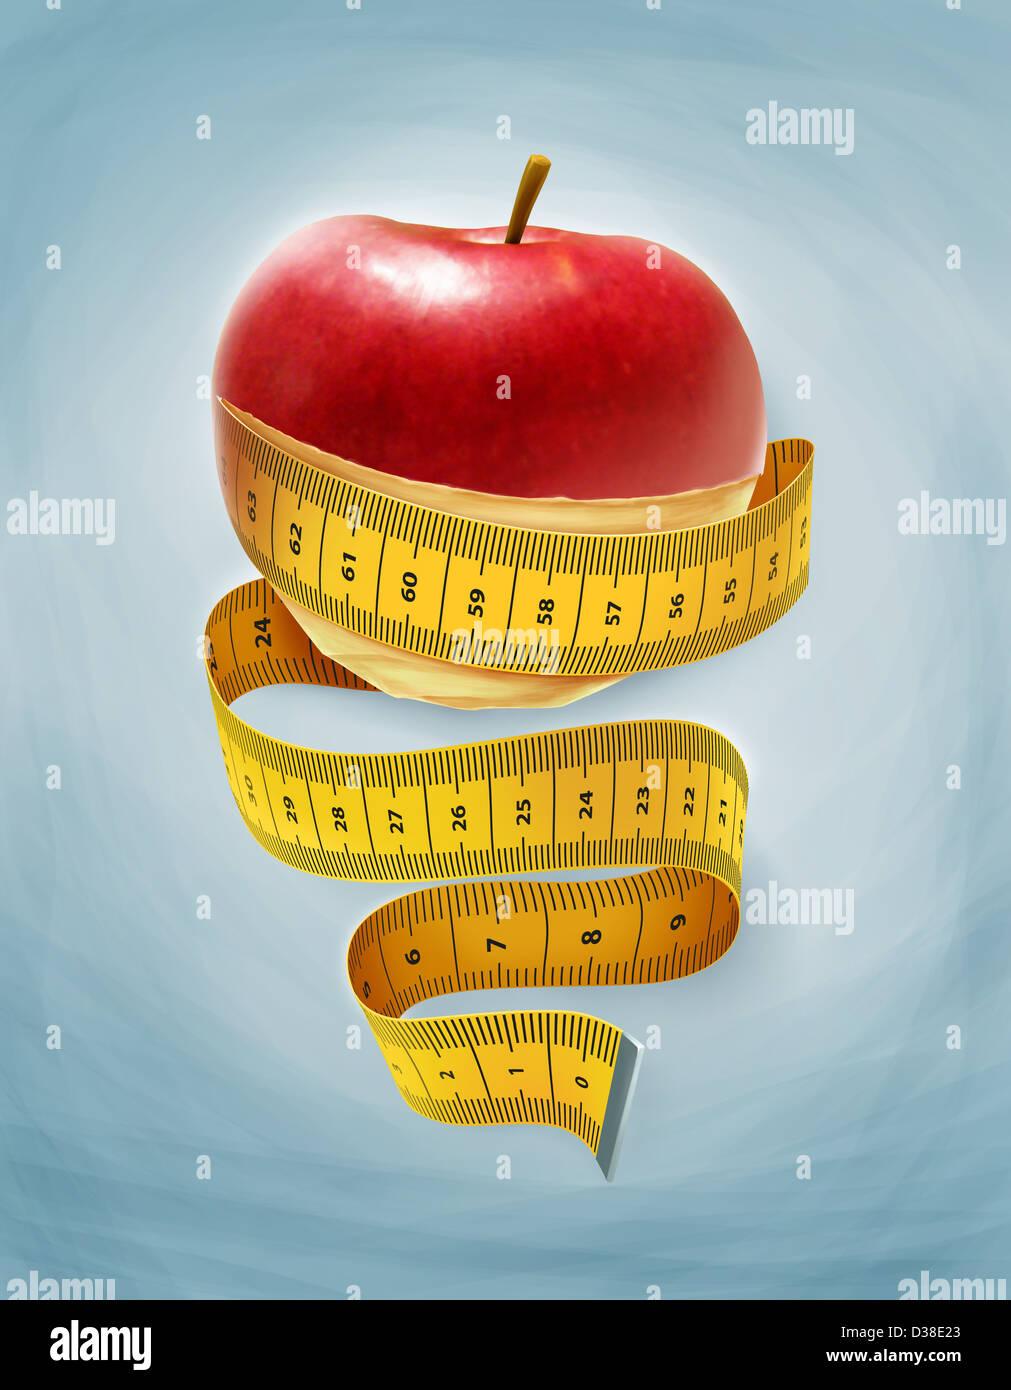 Image d'illustration d'une pomme enveloppée avec bande de mesure représentant un régime amaigrissant Photo Stock